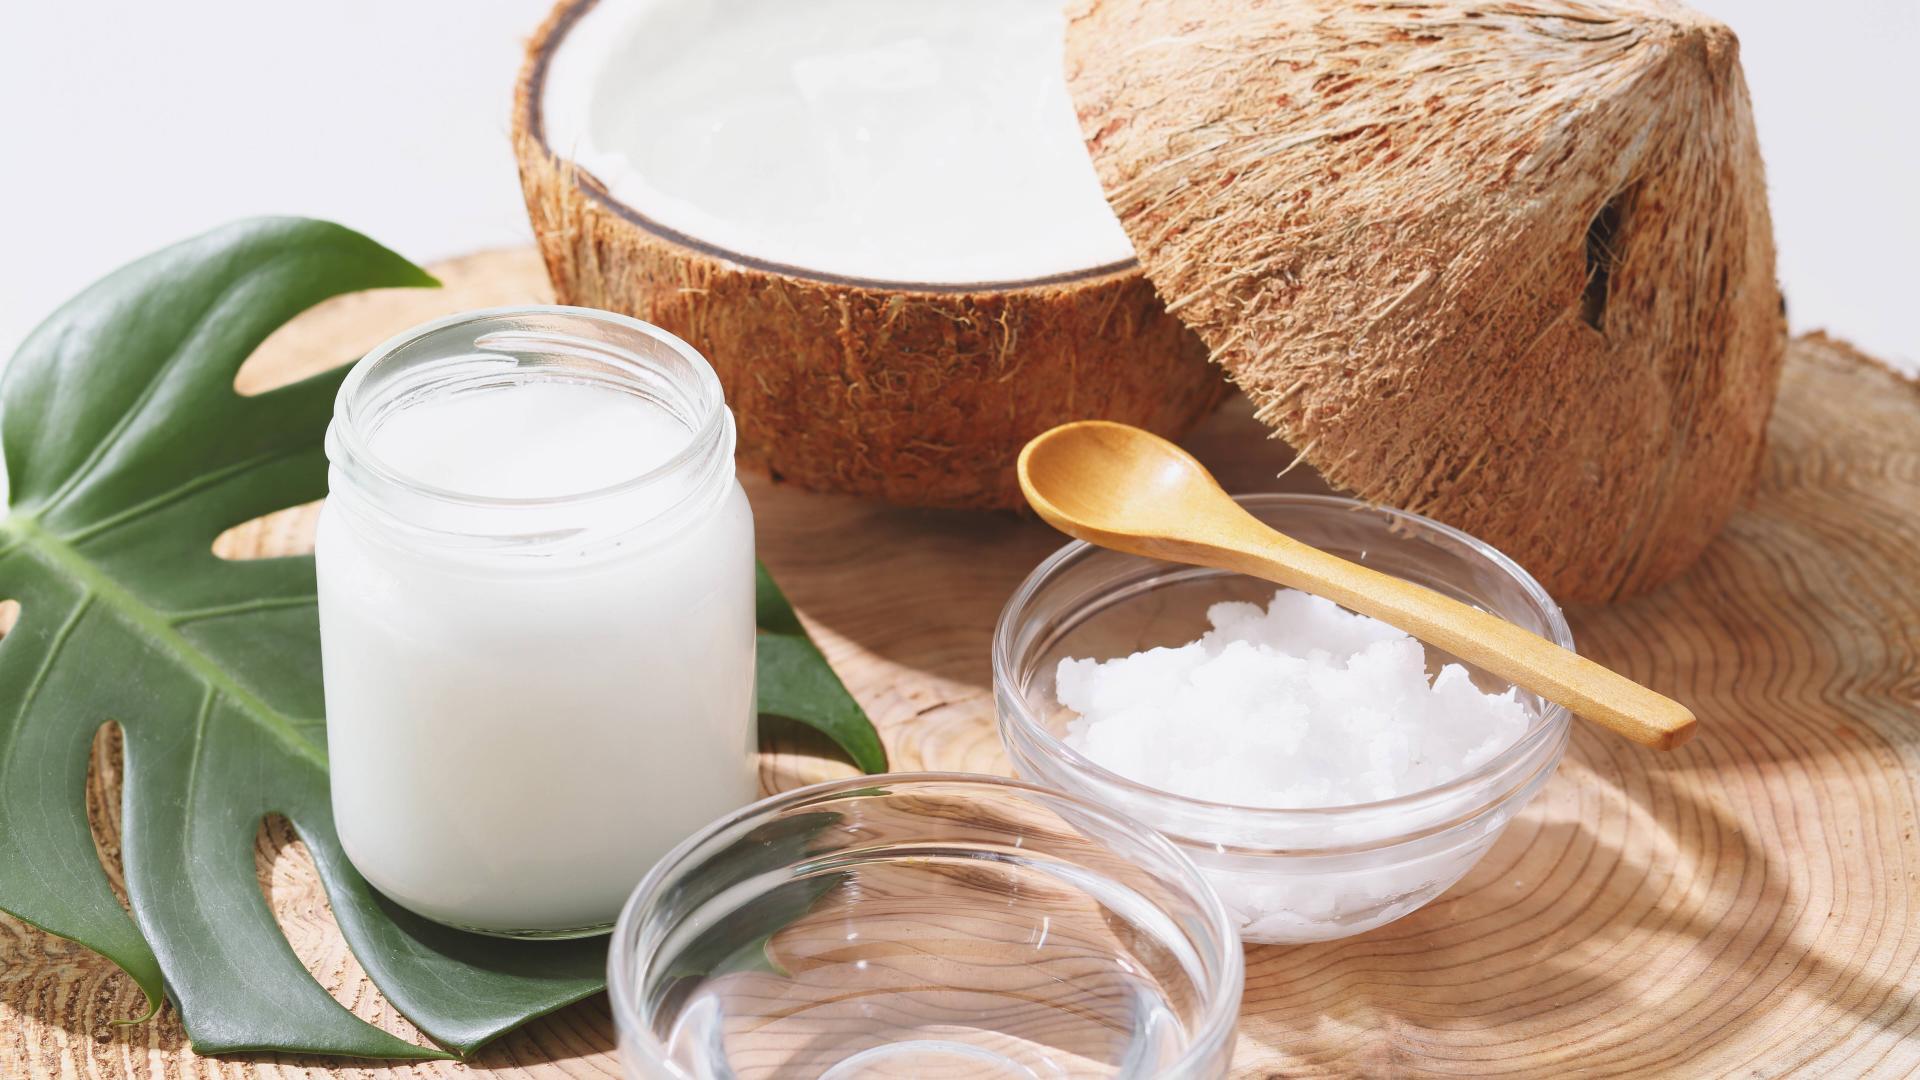 Kokosnuss mit Kokosöl